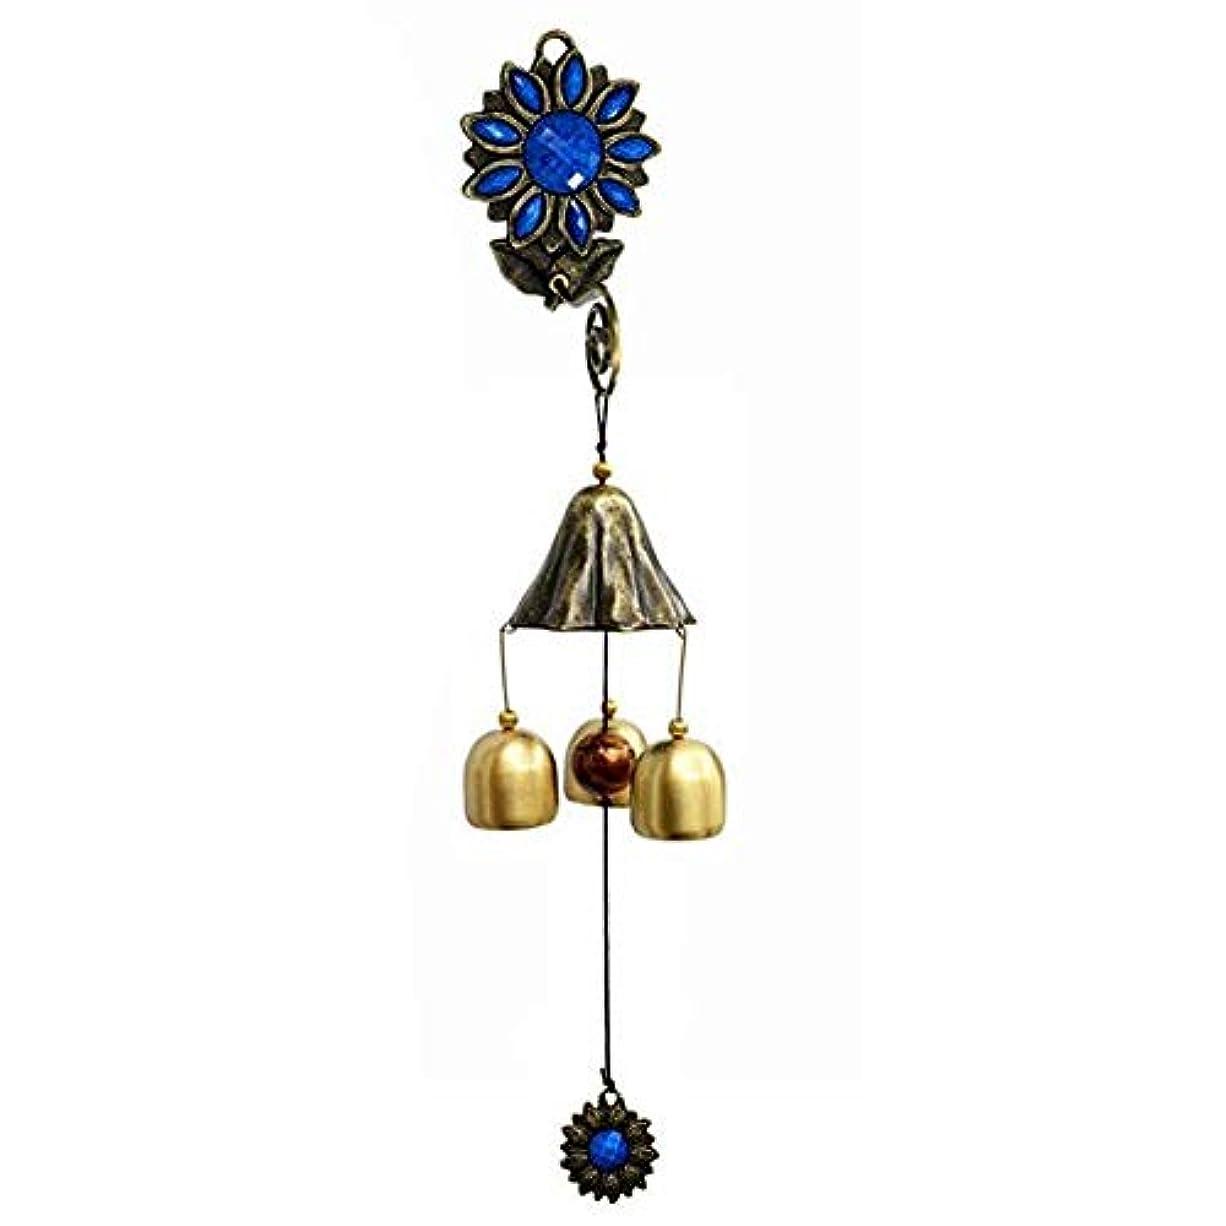 ラビリンスさせるシュガーHongyuantongxun 風チャイム、ガーデンメタルクリエイティブひまわり風の鐘、グリーン、全長約35CM,、装飾品ペンダント (Color : Blue)